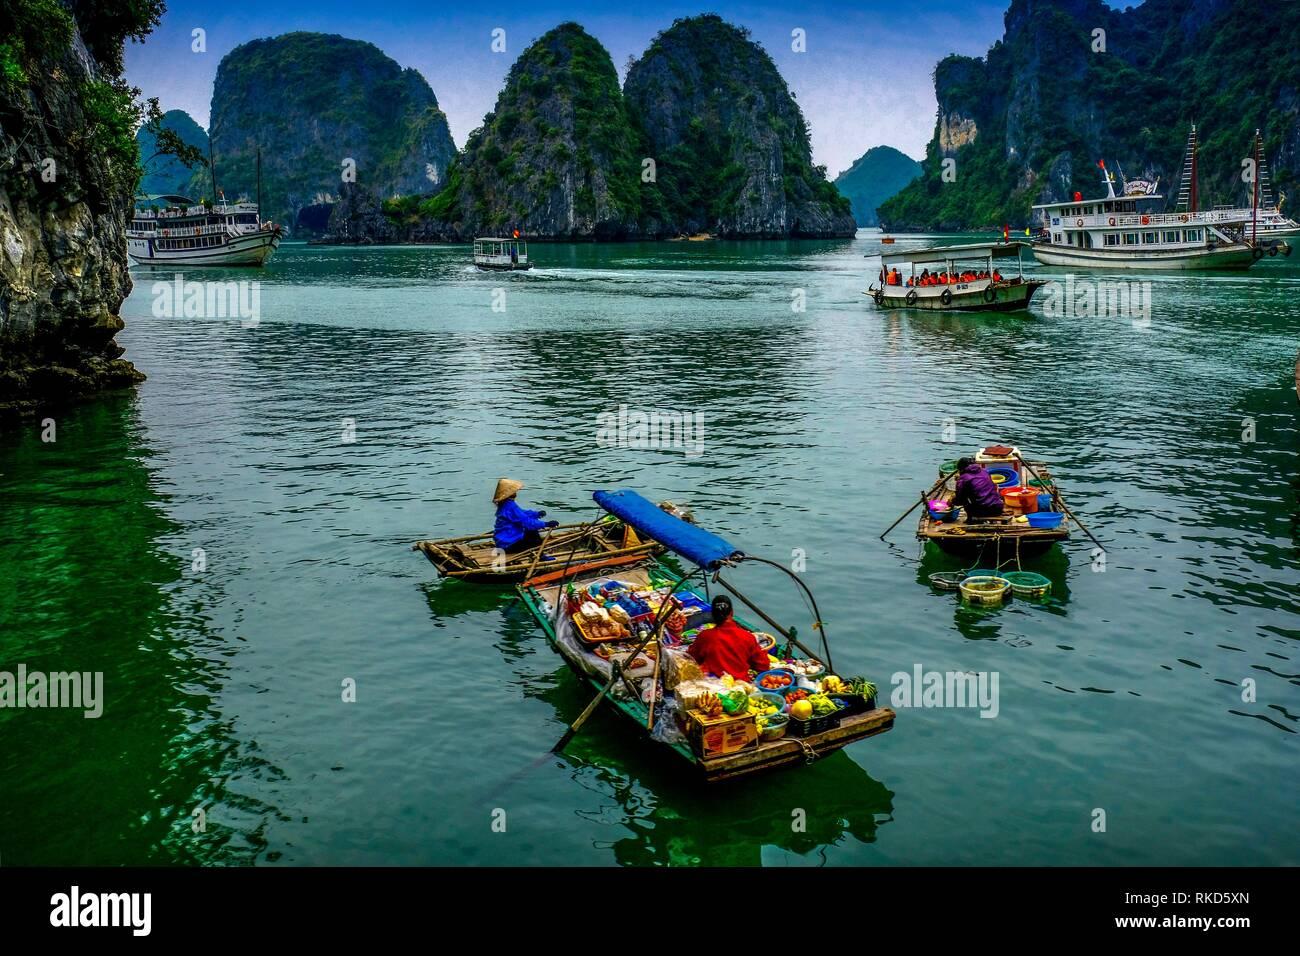 Vietnam, Ha Long Bay est un site classé au patrimoine mondial et populaire destination touristique dans la province de Quang Ninh, Vietnam. Sur le plan administratif, la baie Photo Stock